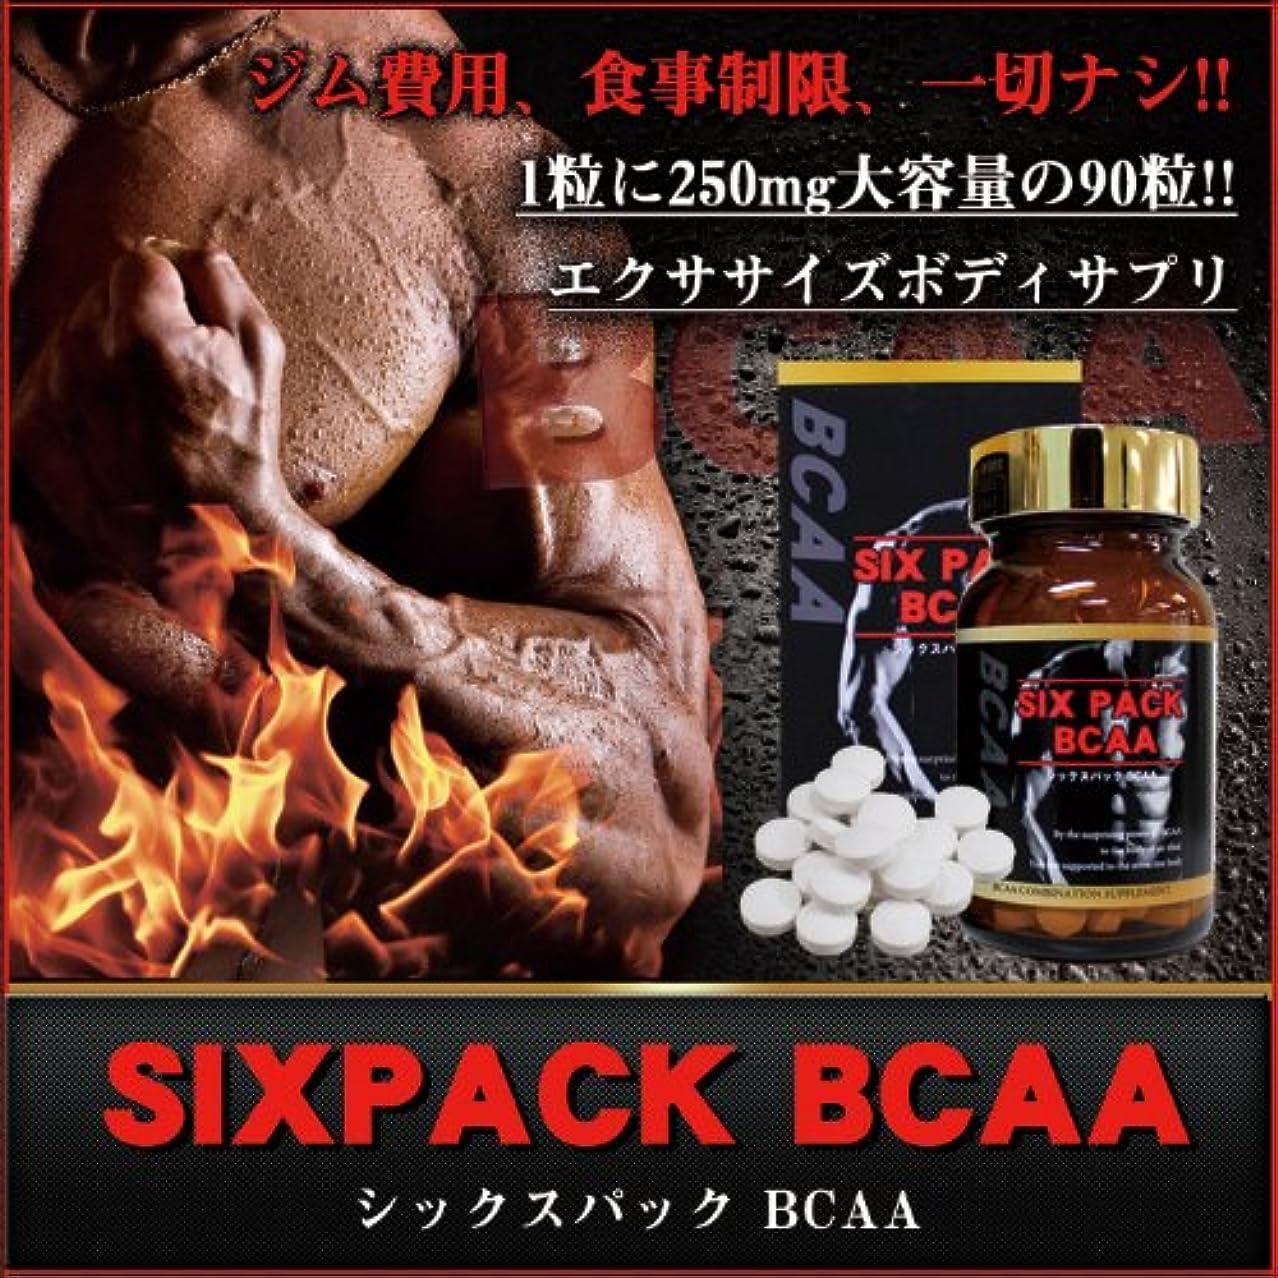 民間熱心な大気シックスパックBCAA (バリン+ロイシン+イソロイシン配合エクササイズボディサプリ)